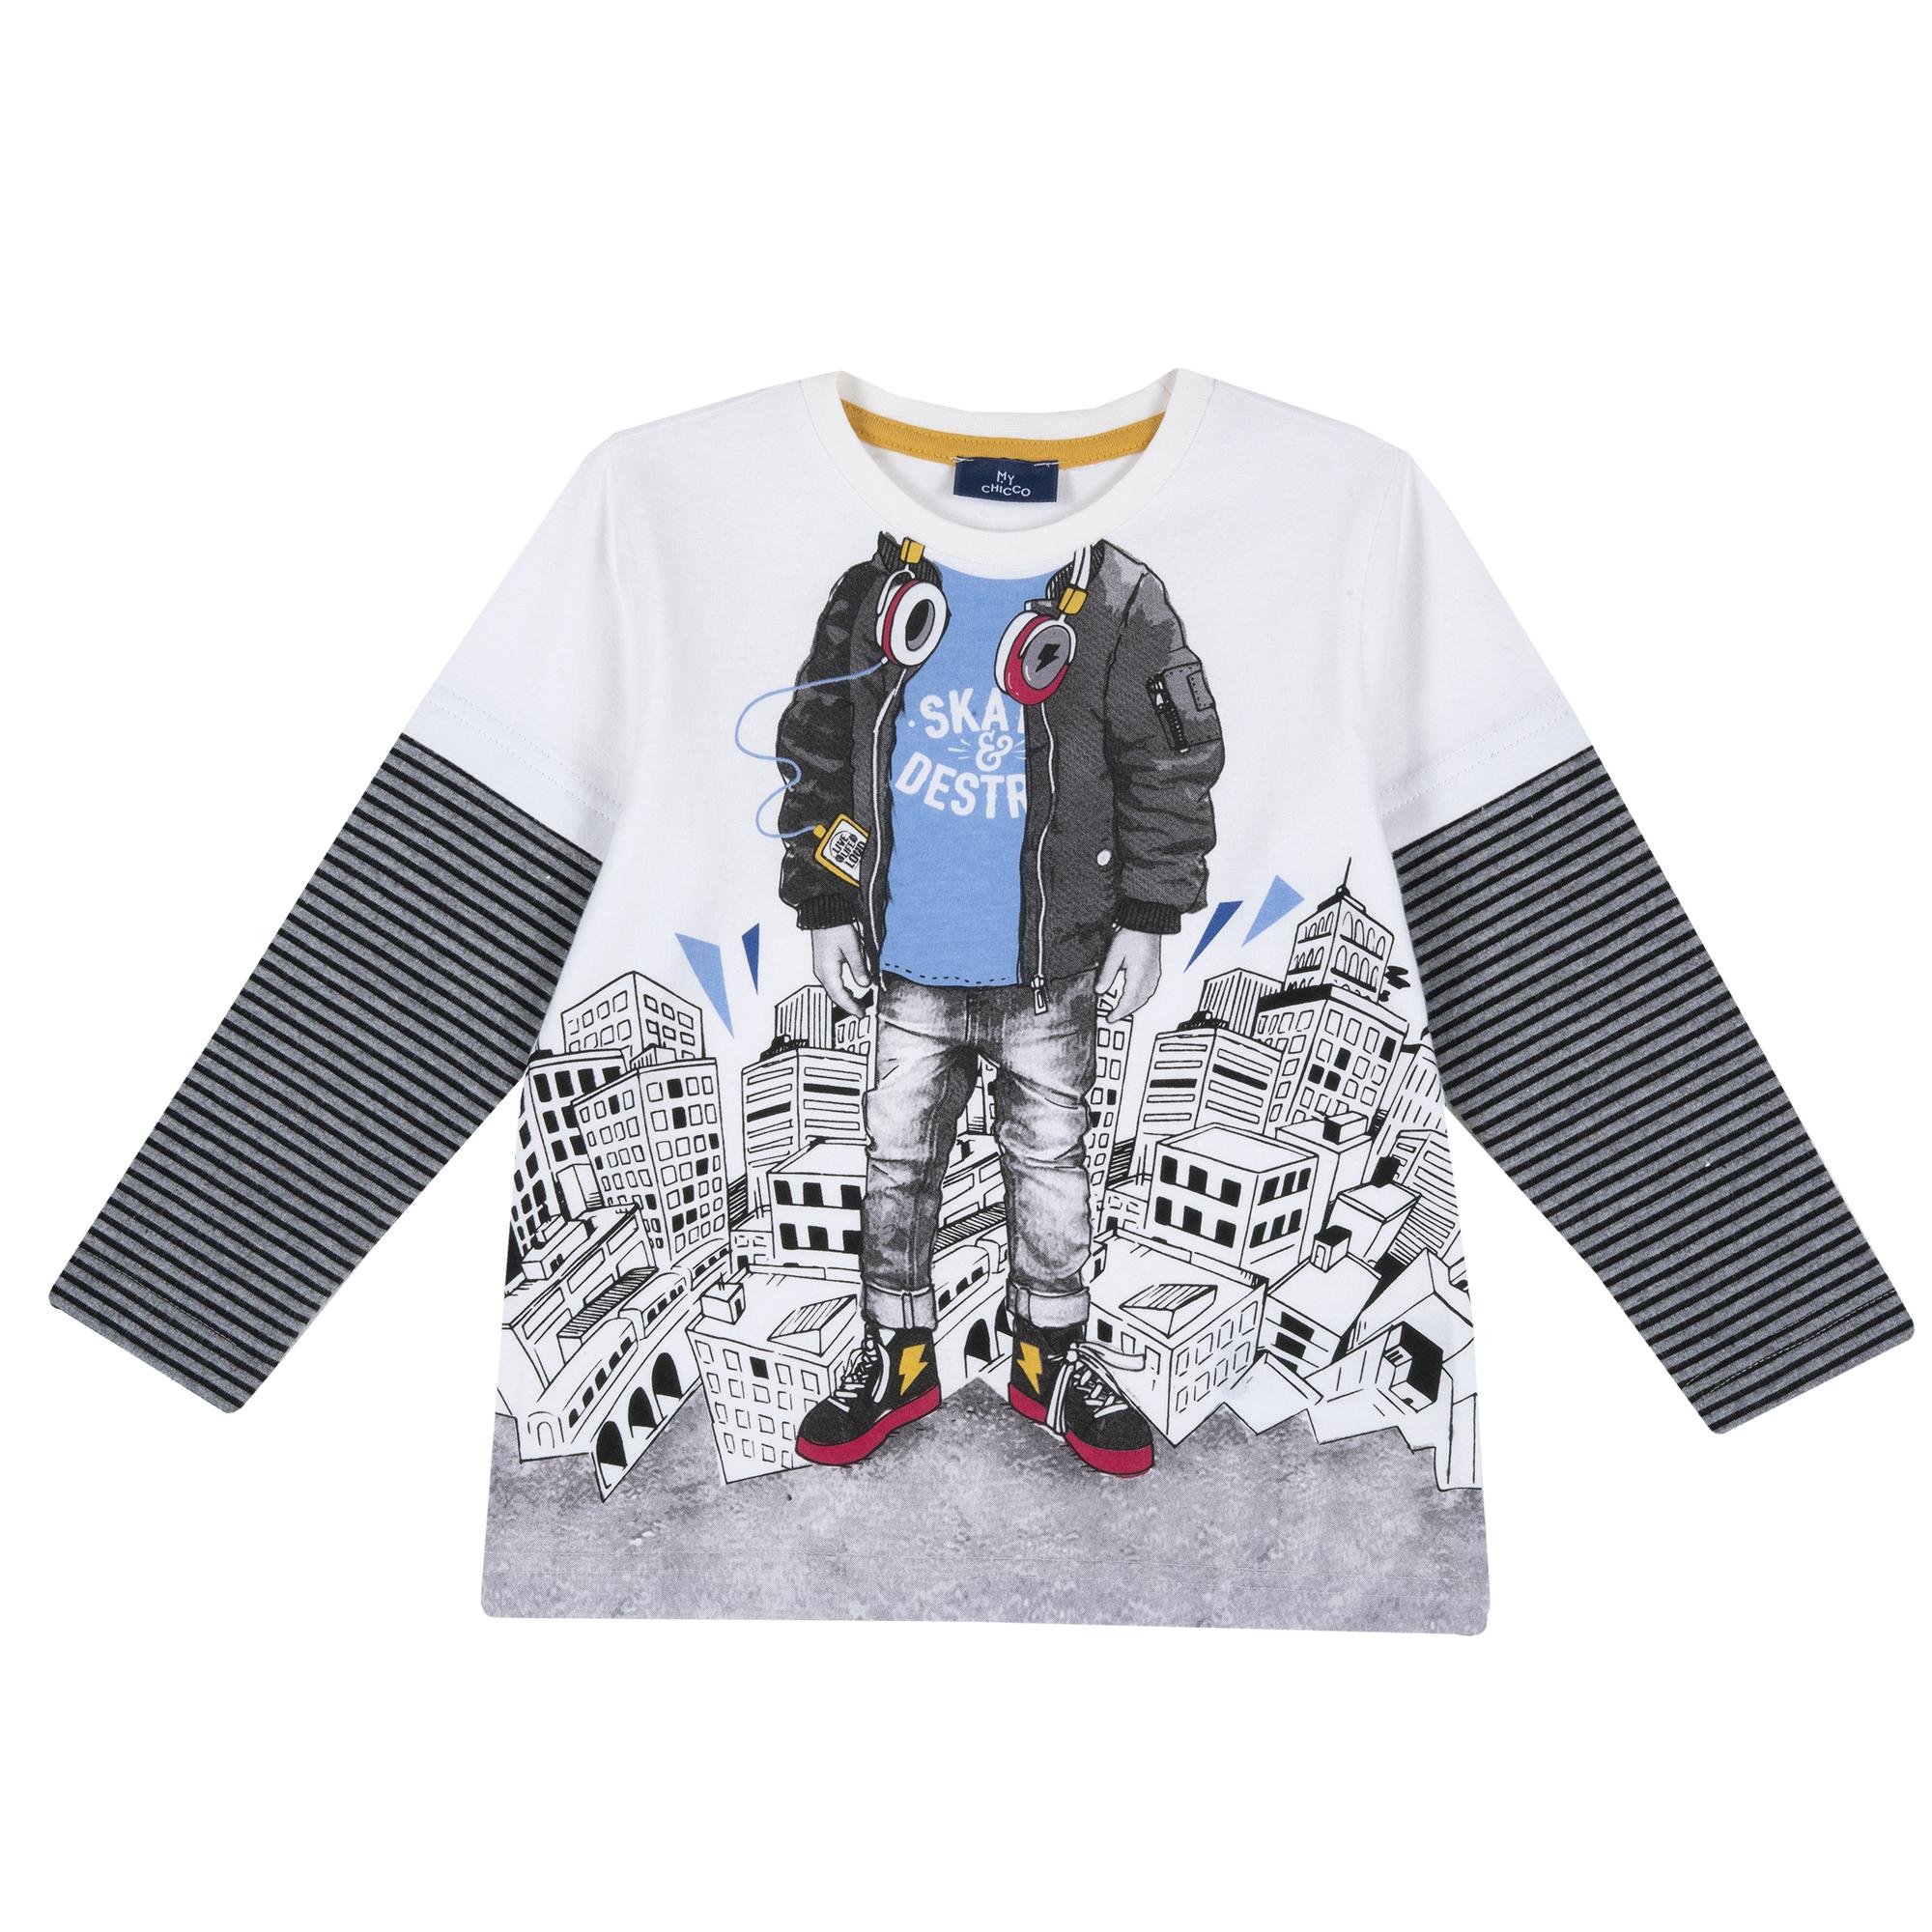 Bluza Copii Chicco, Alb Cu Imprimeu, 47725 imagine